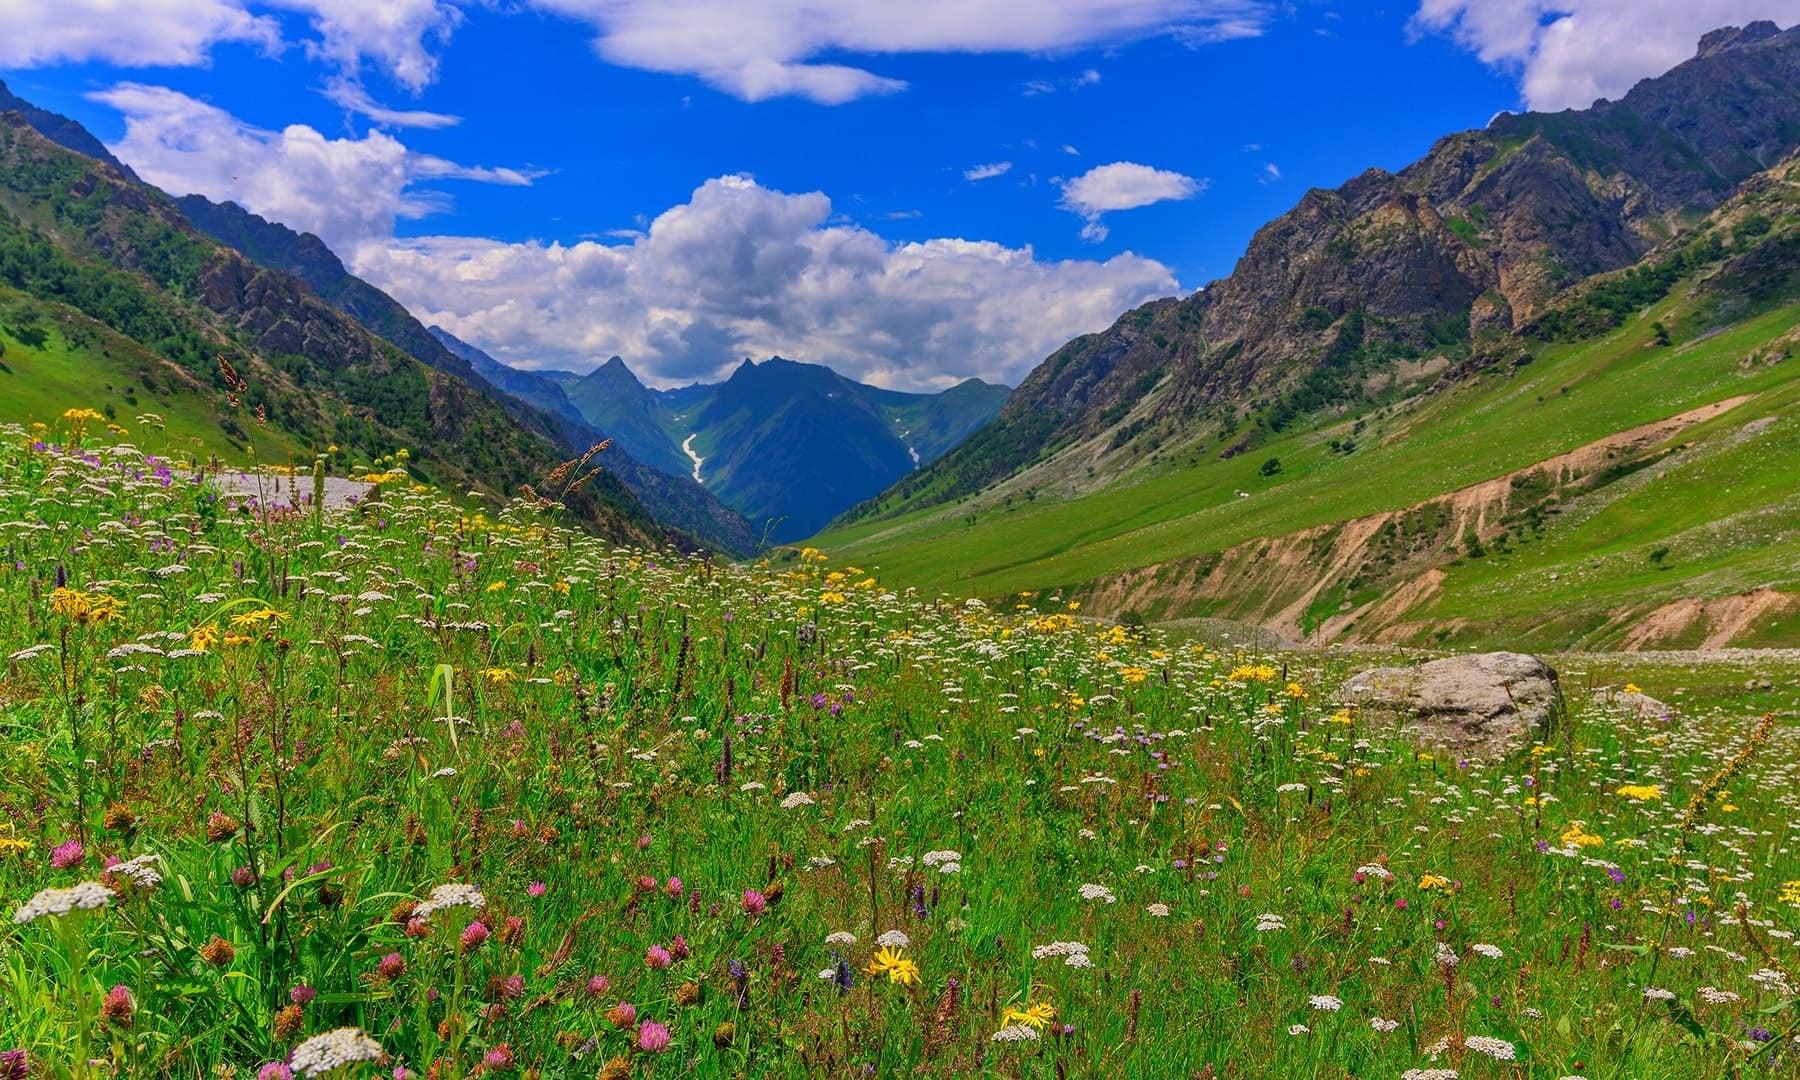 Near Burzil Pass. — Photo by Syed Mehdi Bukhari